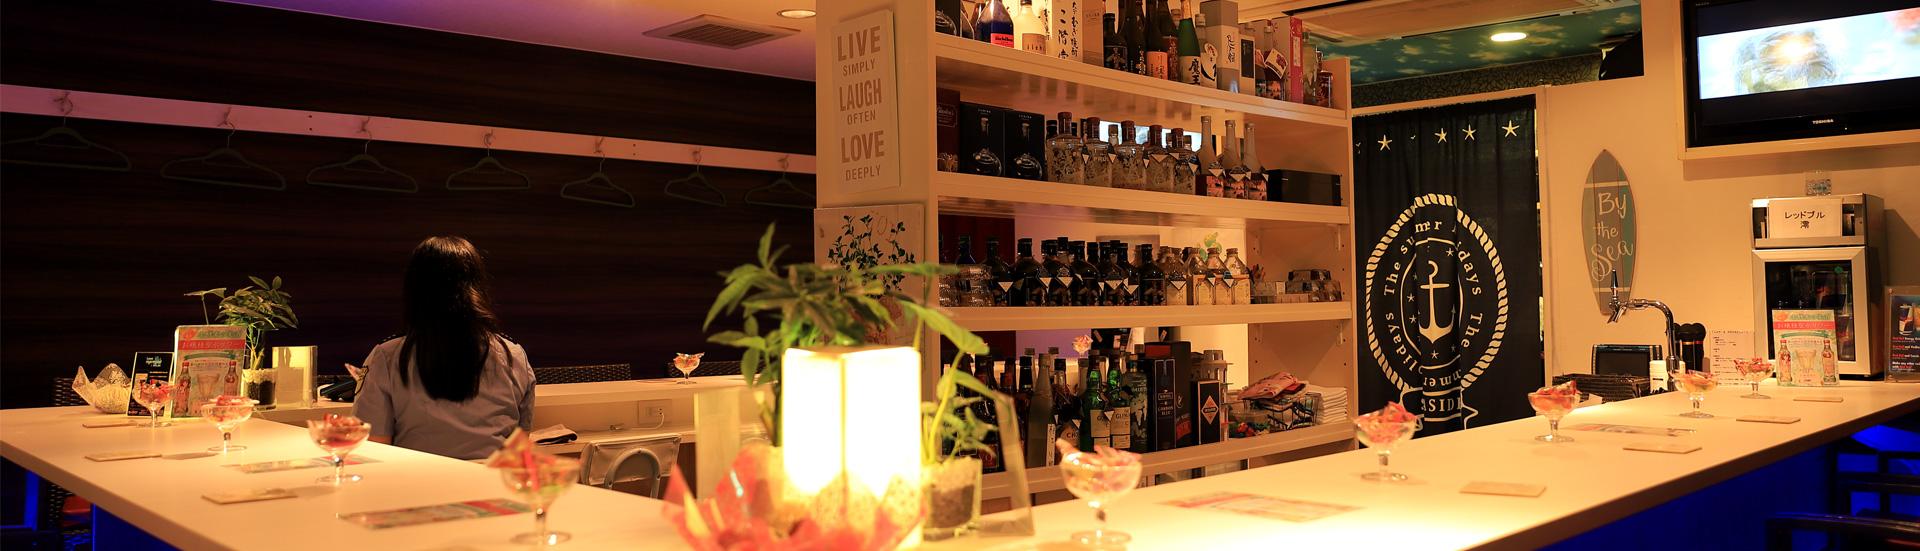 【公式】レイヤーズ|祇園のガールズバー | 京都祇園の夜遊びスポット Girl's Bar Layers